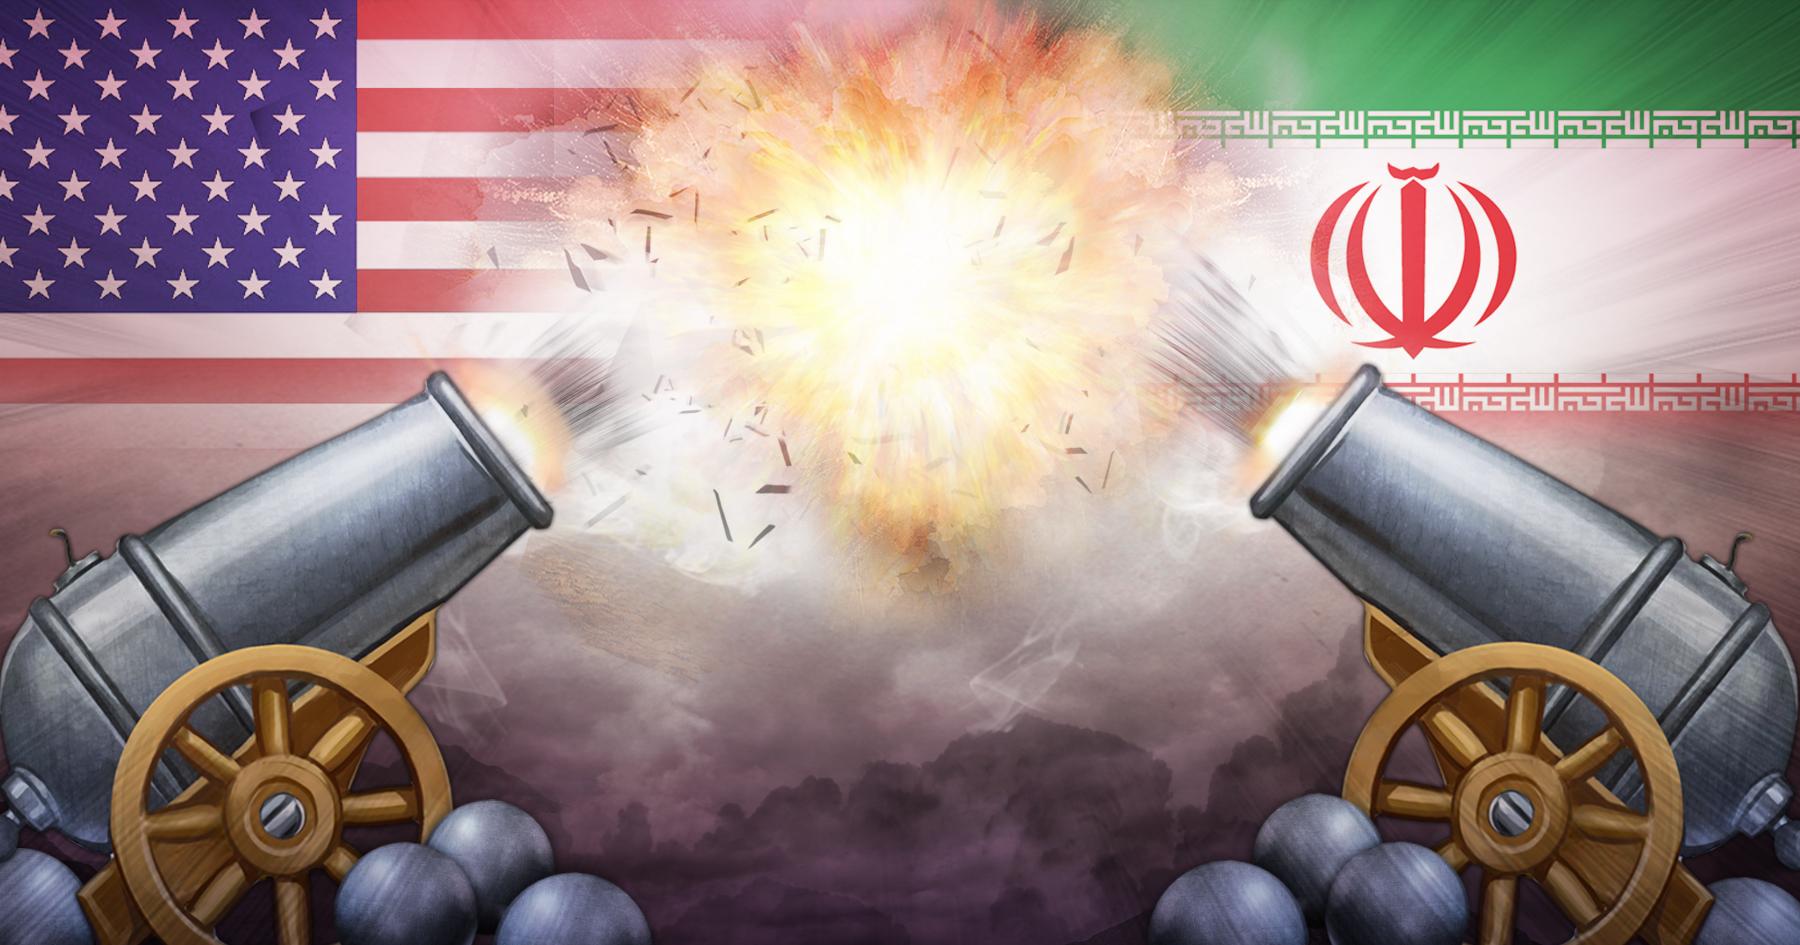 미국 - 이란 무력 충돌